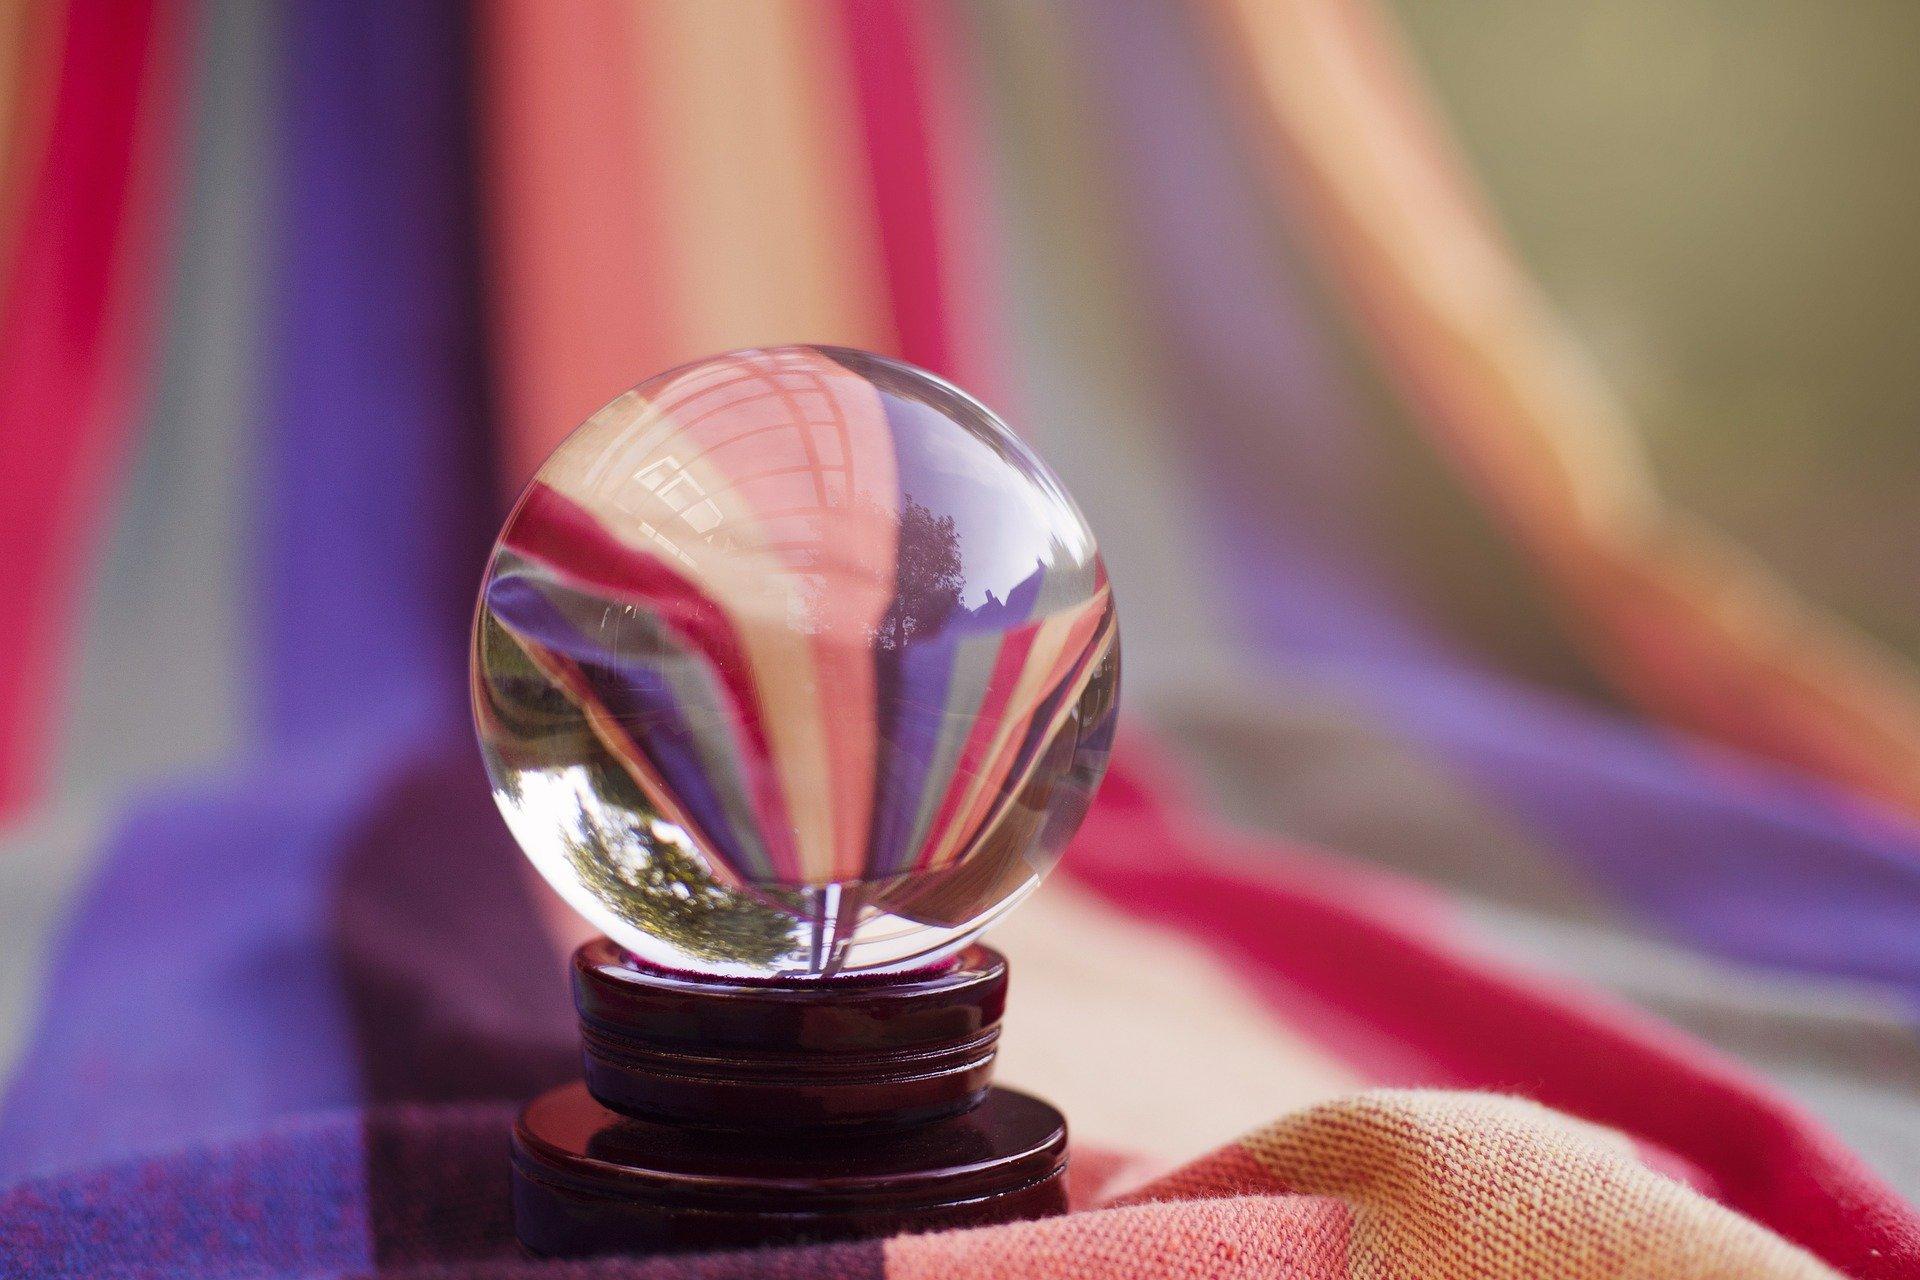 【予約困難?直接鑑定は可能?】水晶玉子に占ってもらう3つの方法